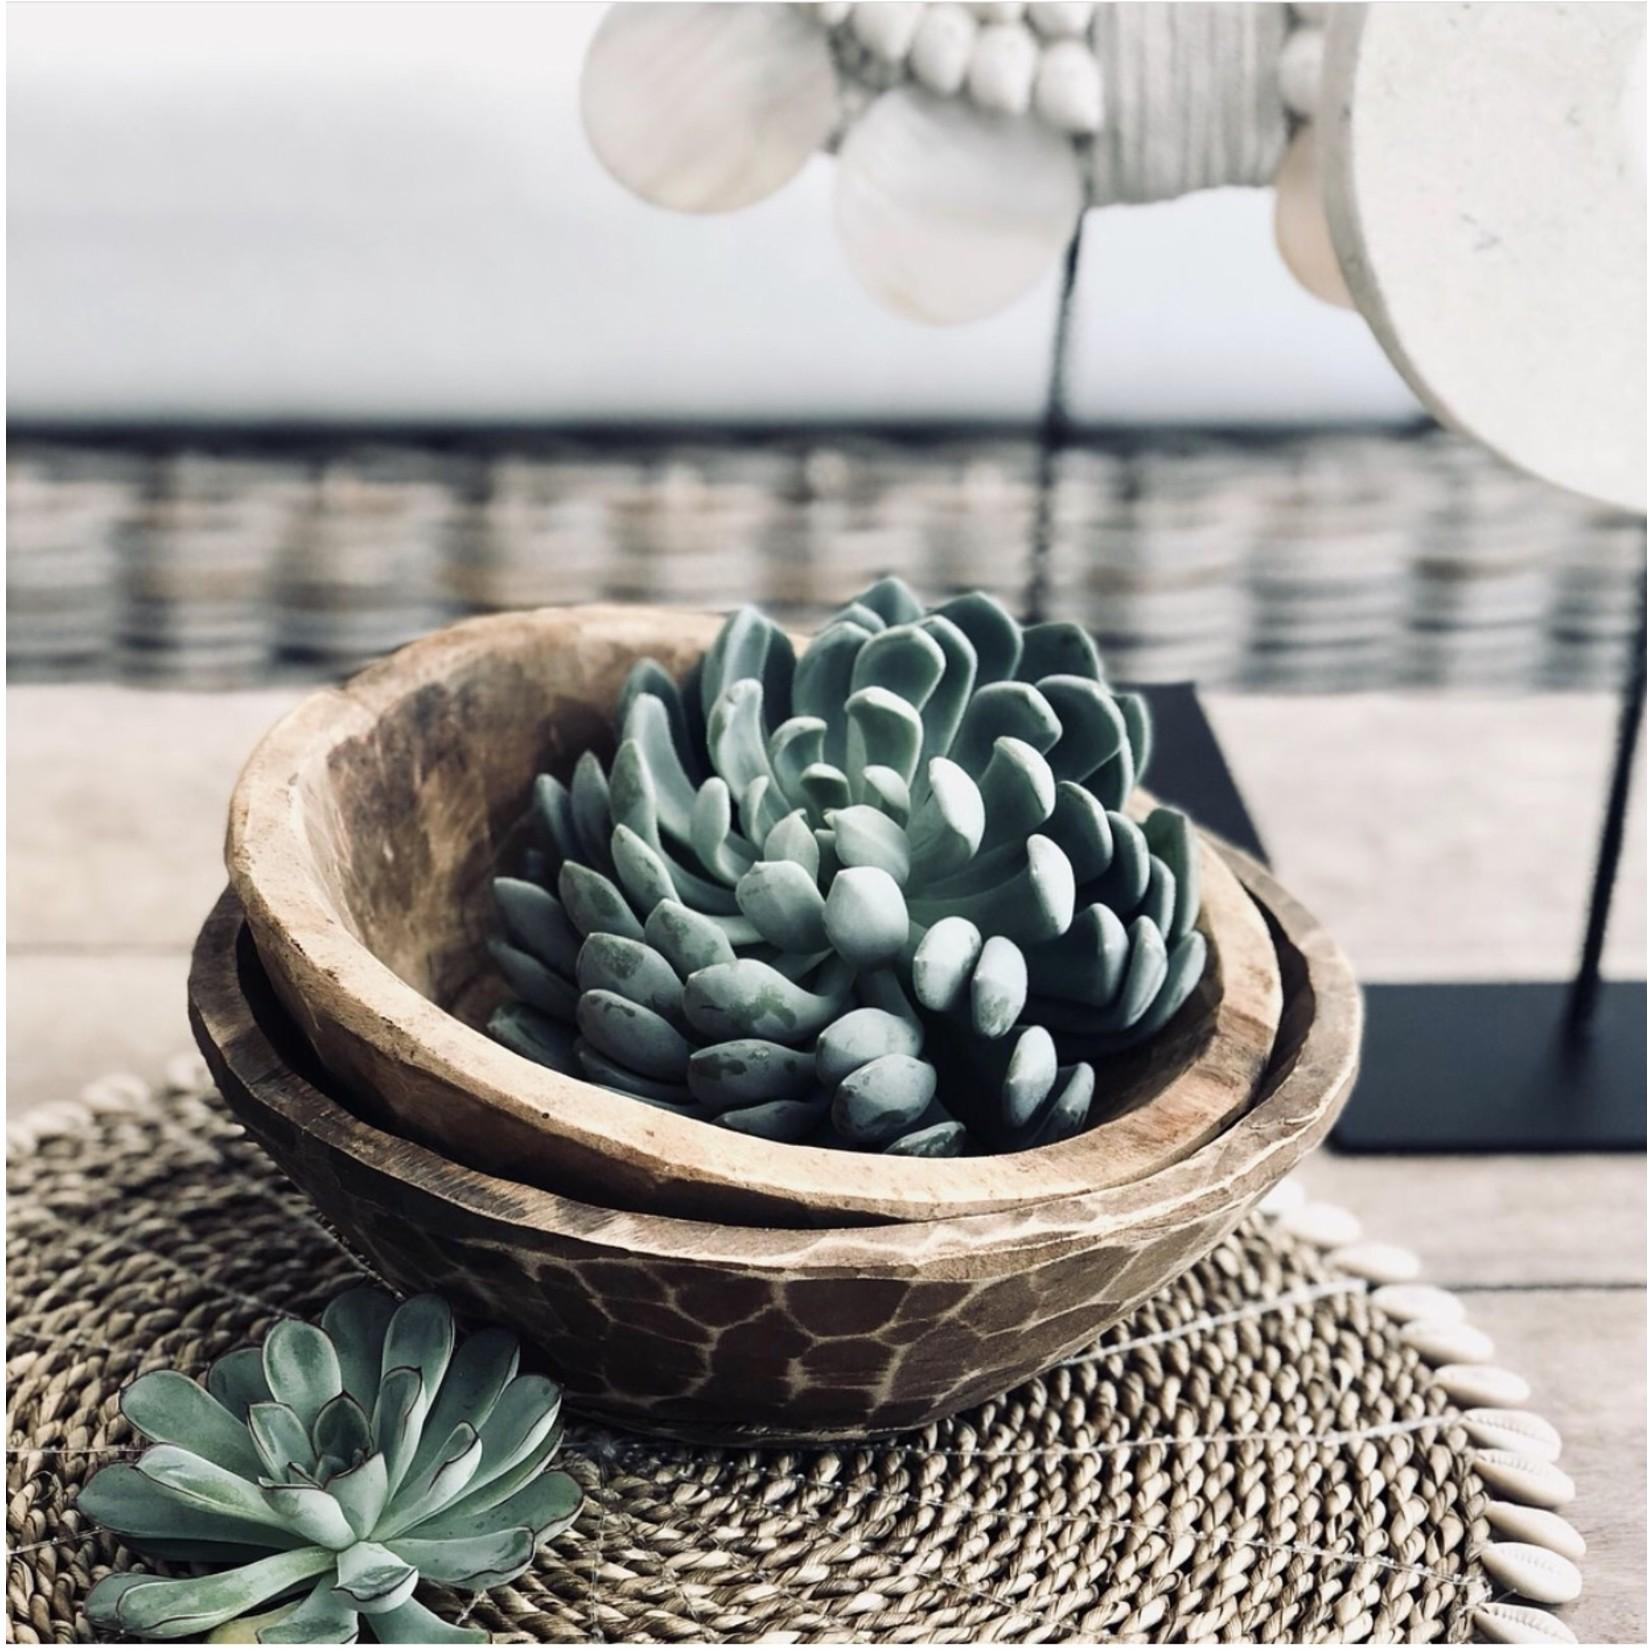 Bazar Bizar De Seagrass Shell Placemat - Naturel